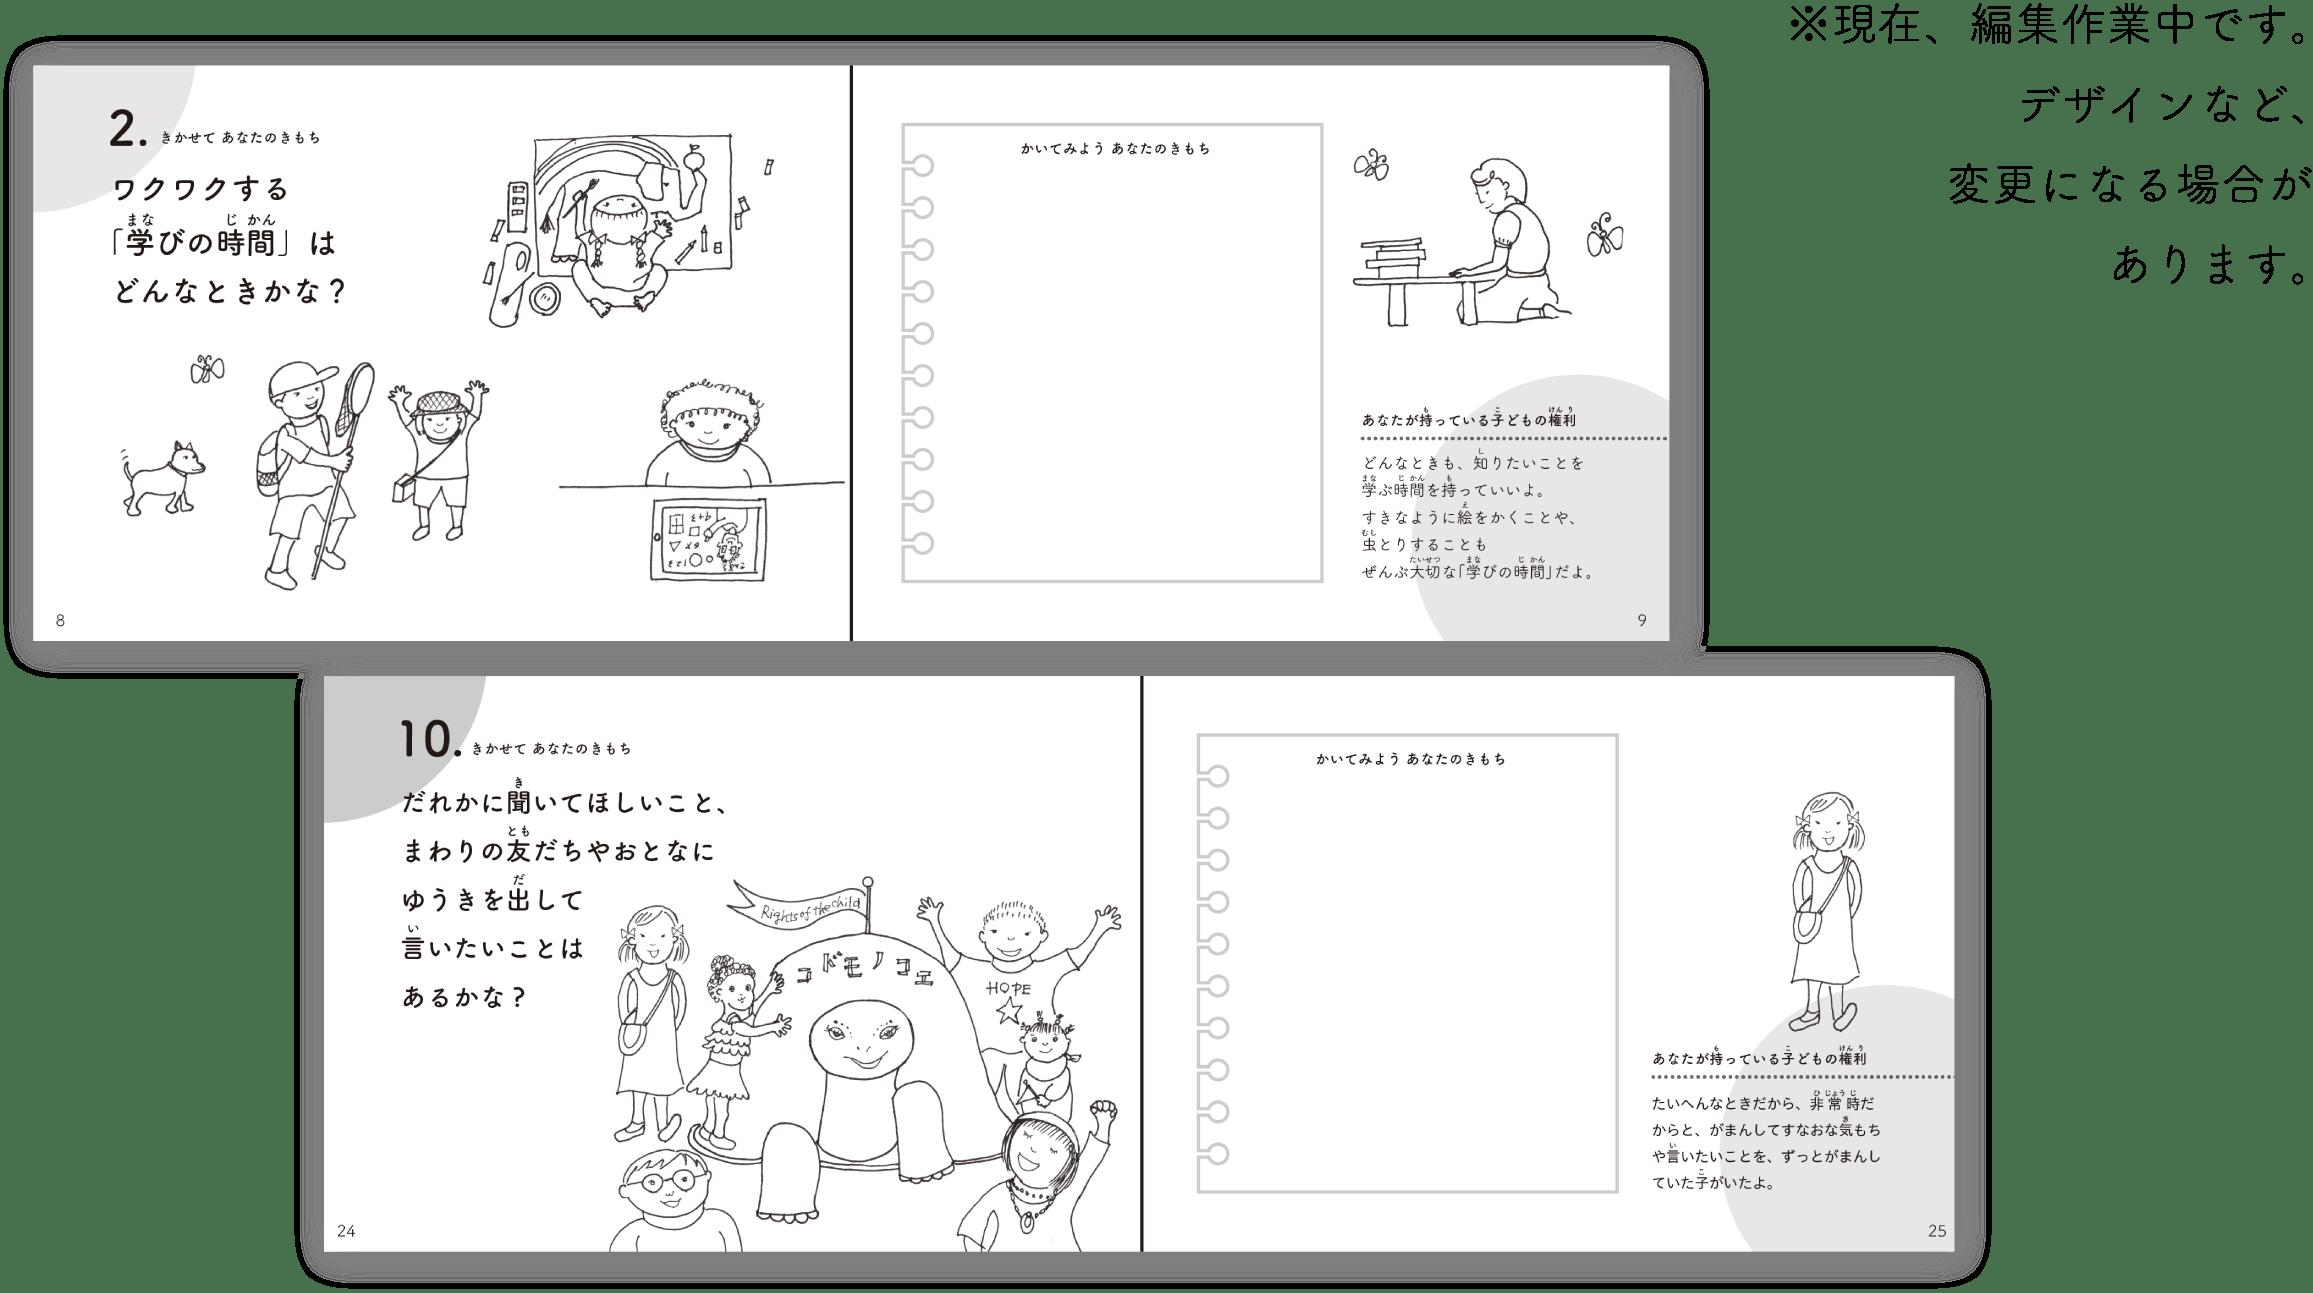 クラファン「子どもの権利絵本出版プロジェクト」始まります_a0374325_17162982.png